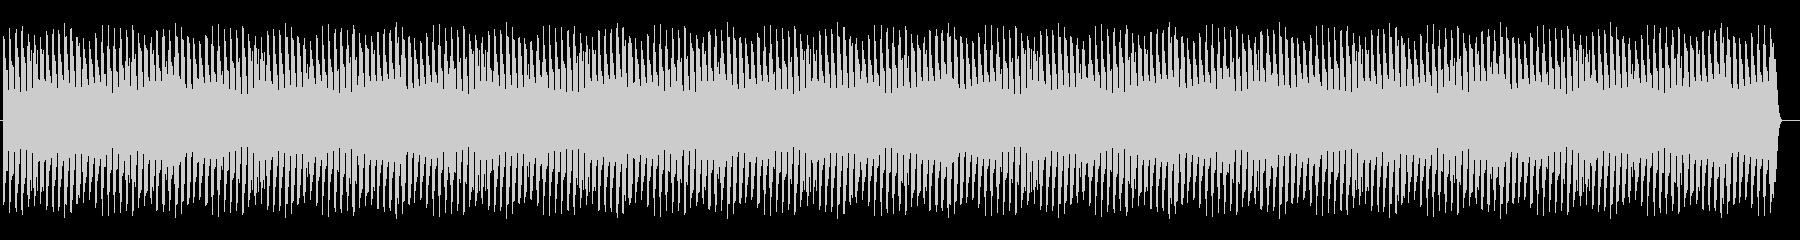 【無限音階】上がり続ける音 緊張感・不安の未再生の波形